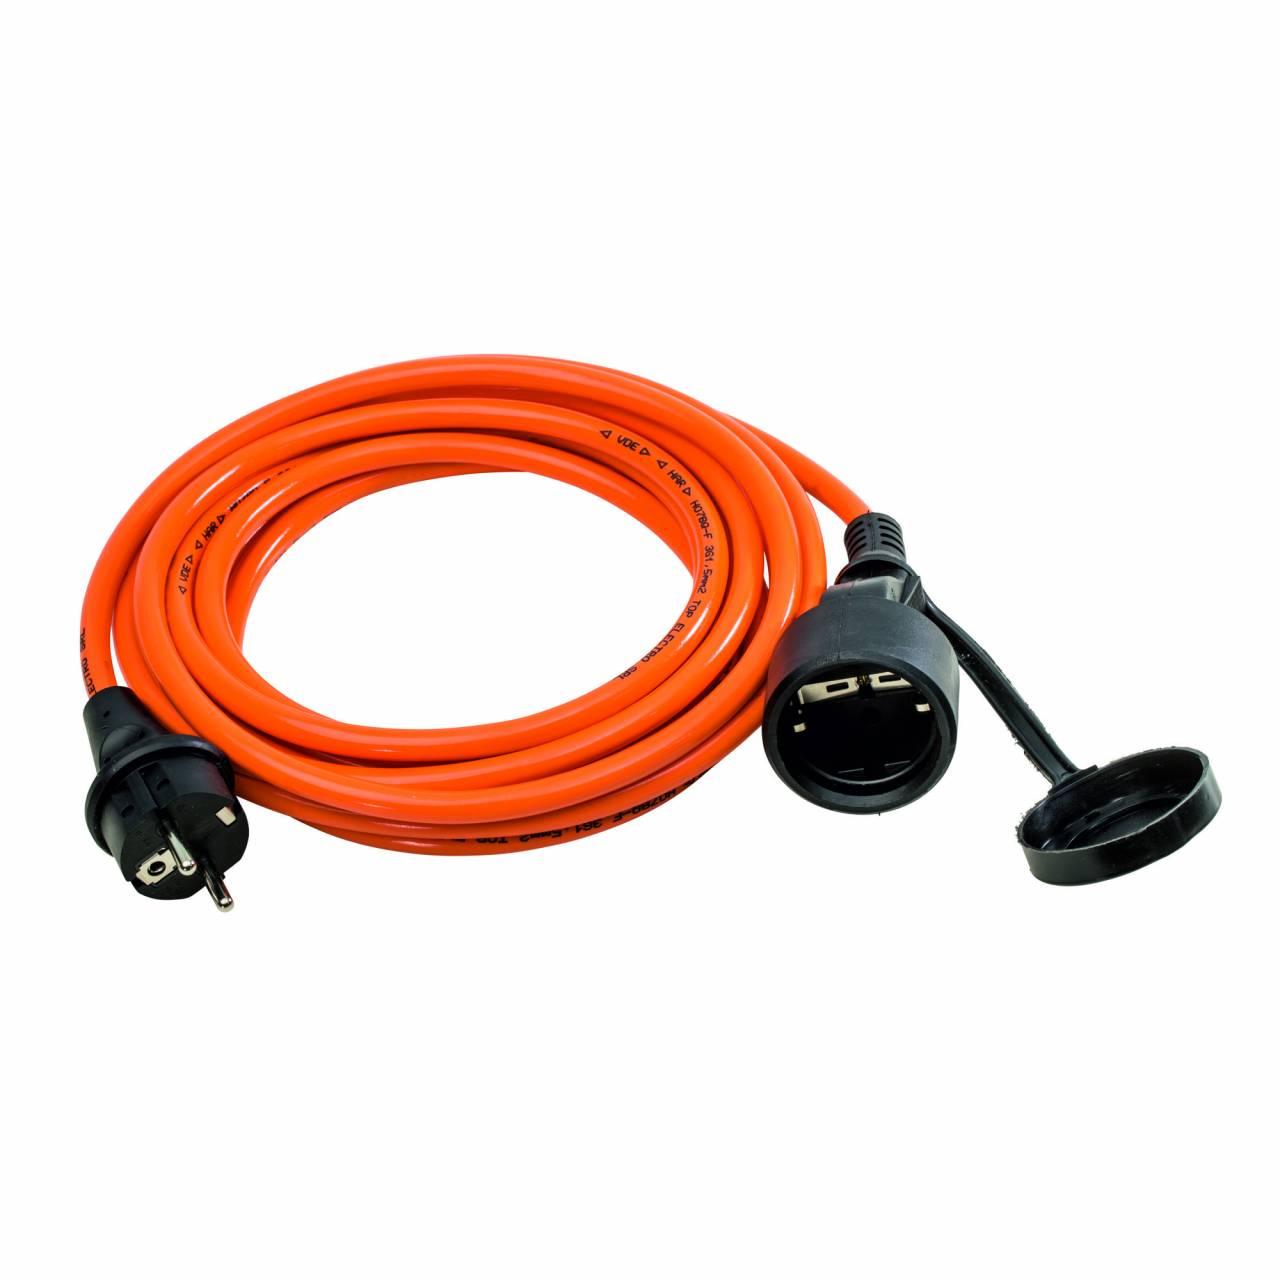 PUR-Verlängerungskabel H07BQ-F 3G1,5 / 230V, 16A, orange, 25,0 m